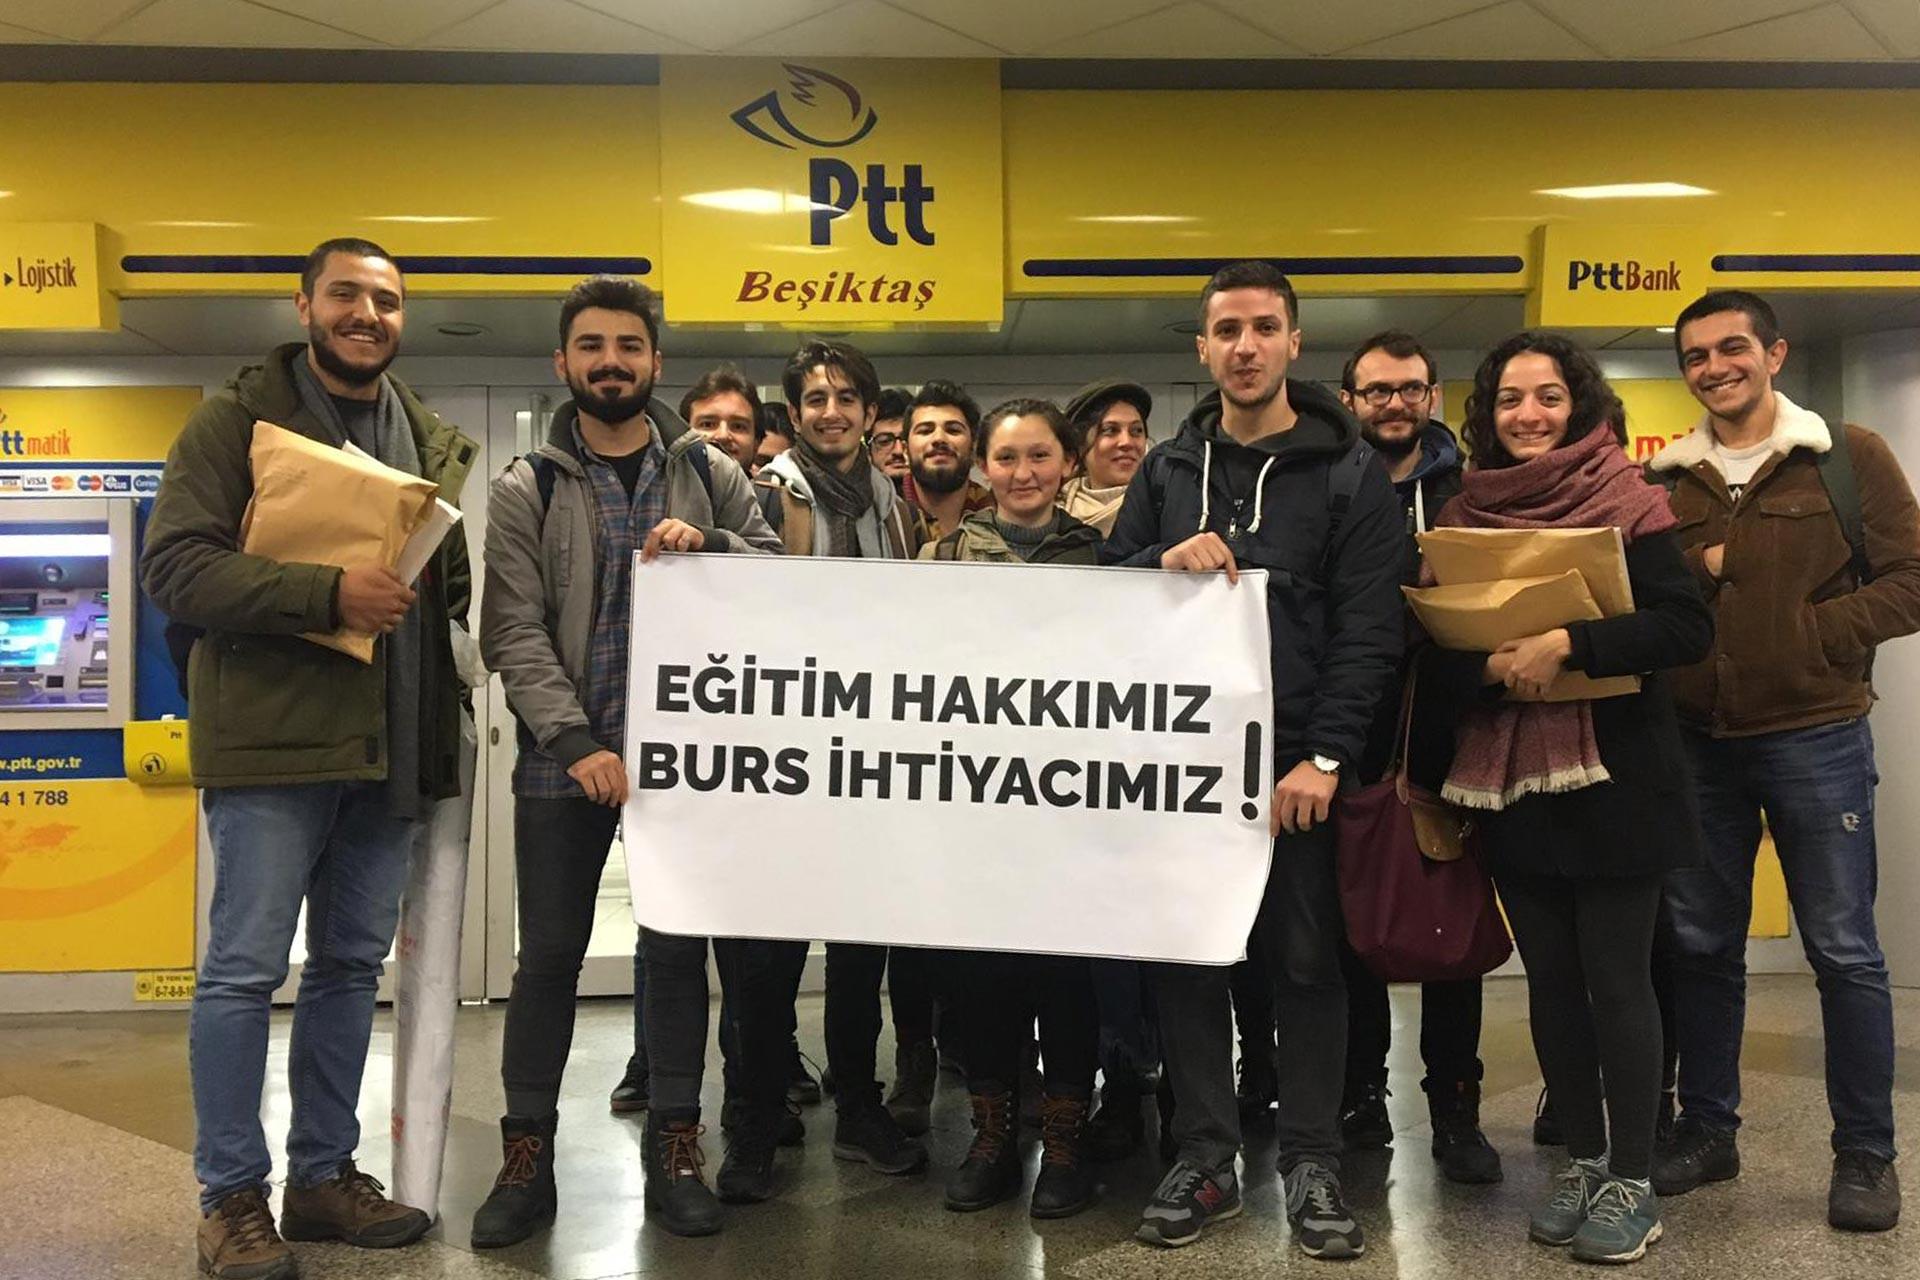 İstanbul Üniversitesi ve İstanbul Teknik Üniversitesi Öğrencileri, dilekçeleri kargolamak için geldikleri PTT şubesinde 'Eğitim hakkımız, burs ihtiyacımız!' pankartı tutarken